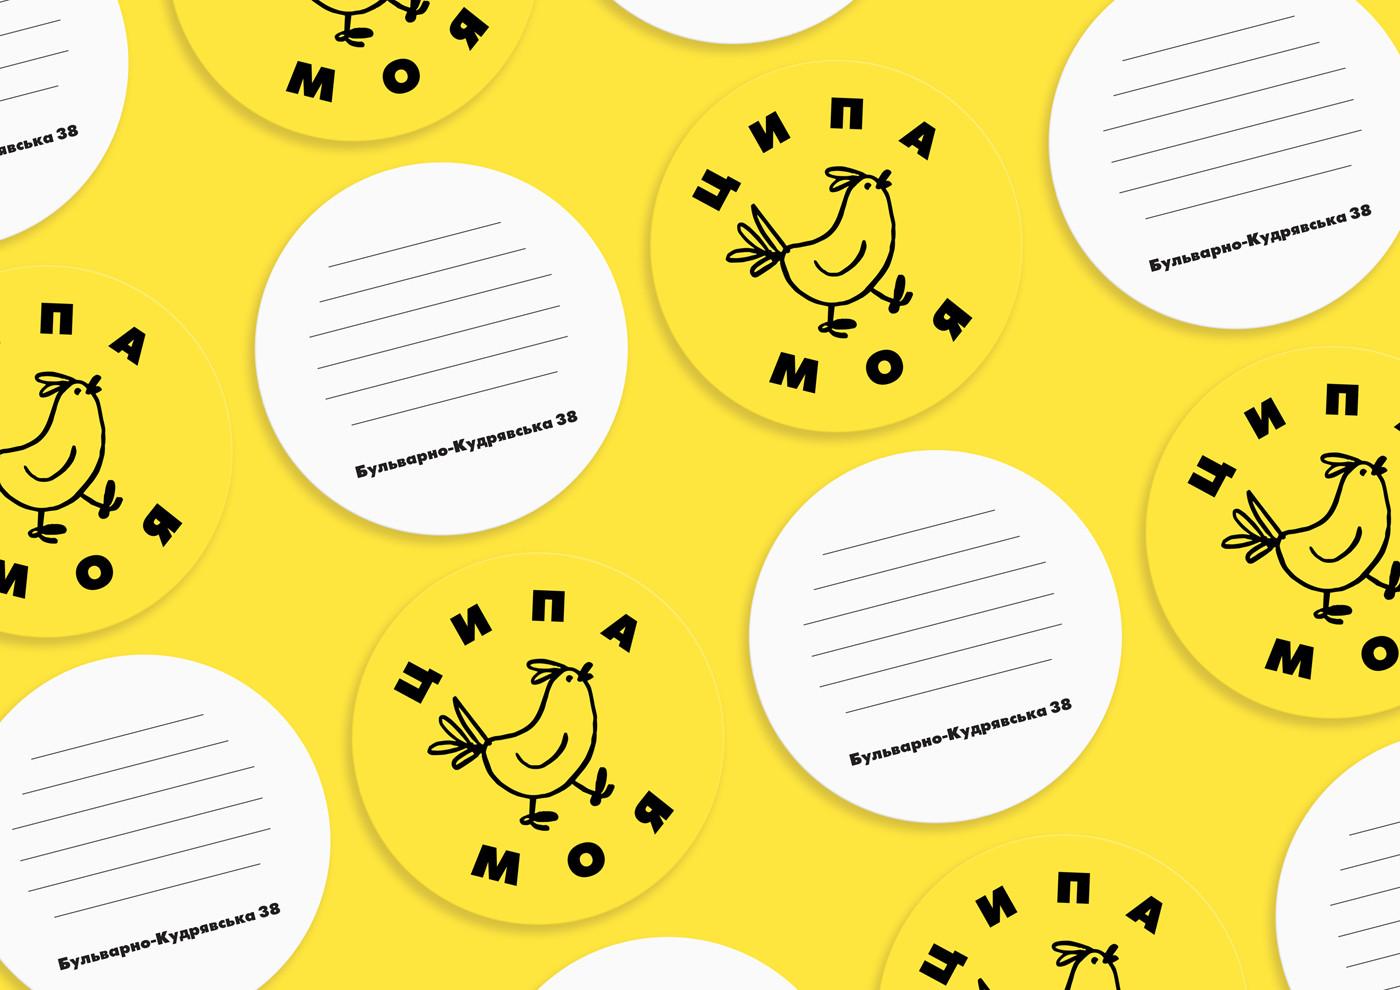 Фірмовий стиль і логотип для «Ципа Моя» — ресторану швидкої і здорової їжі в Києві